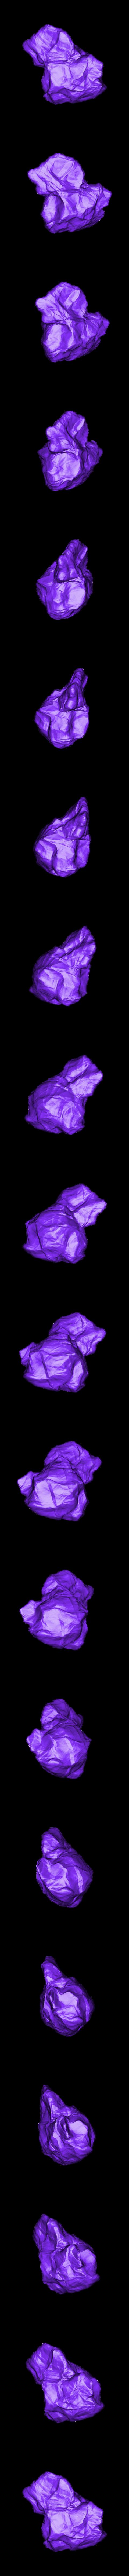 rock_SubTool5.stl Télécharger fichier STL gratuit Roches pour le wargame (collection de 18 roches haute résolution) • Design pour impression 3D, BREXIT